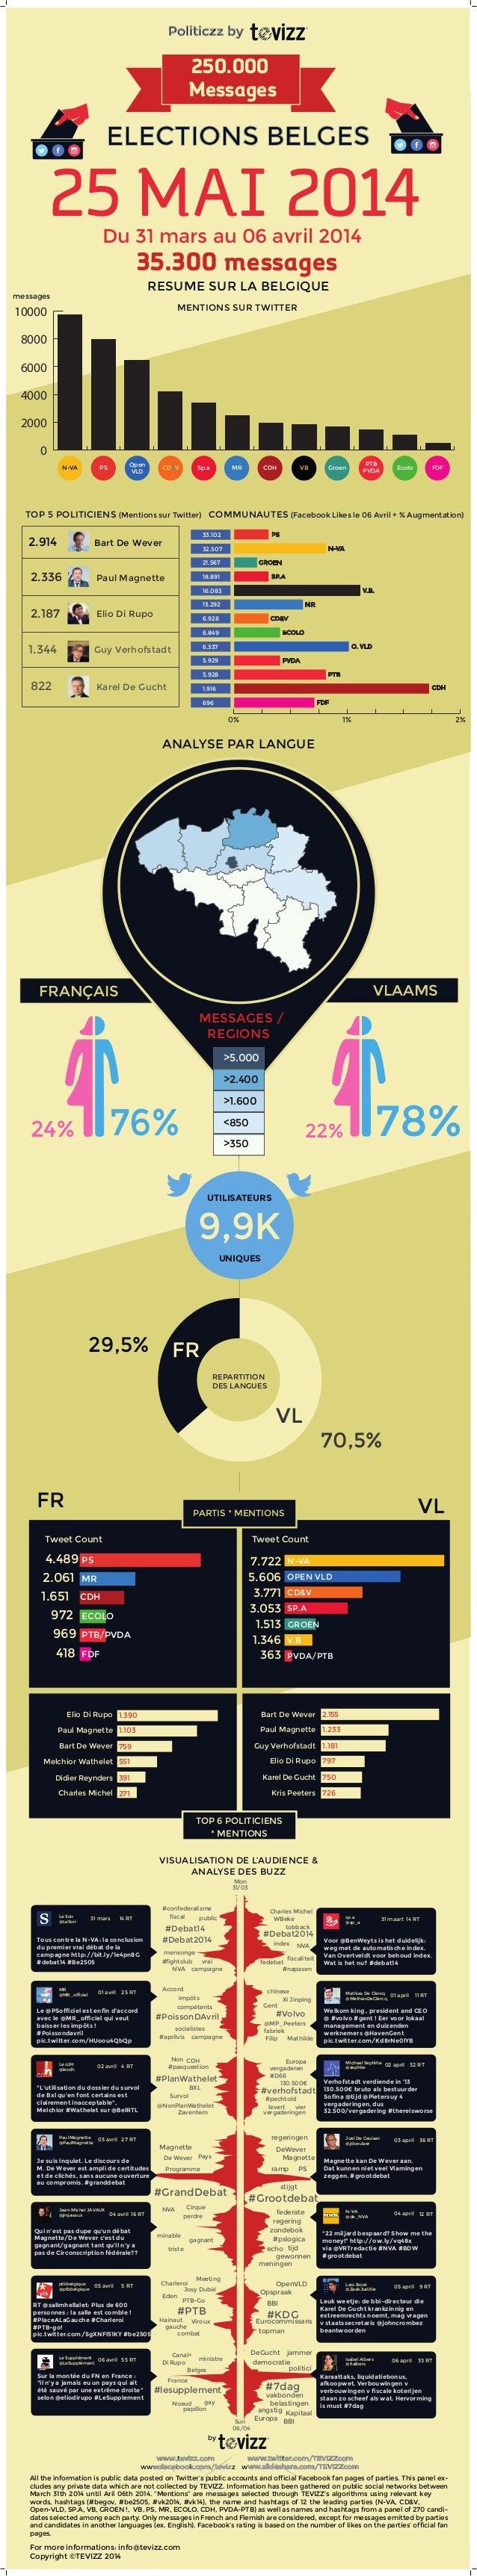 TEVIZZ Politiczz Analysis (FRENCH)